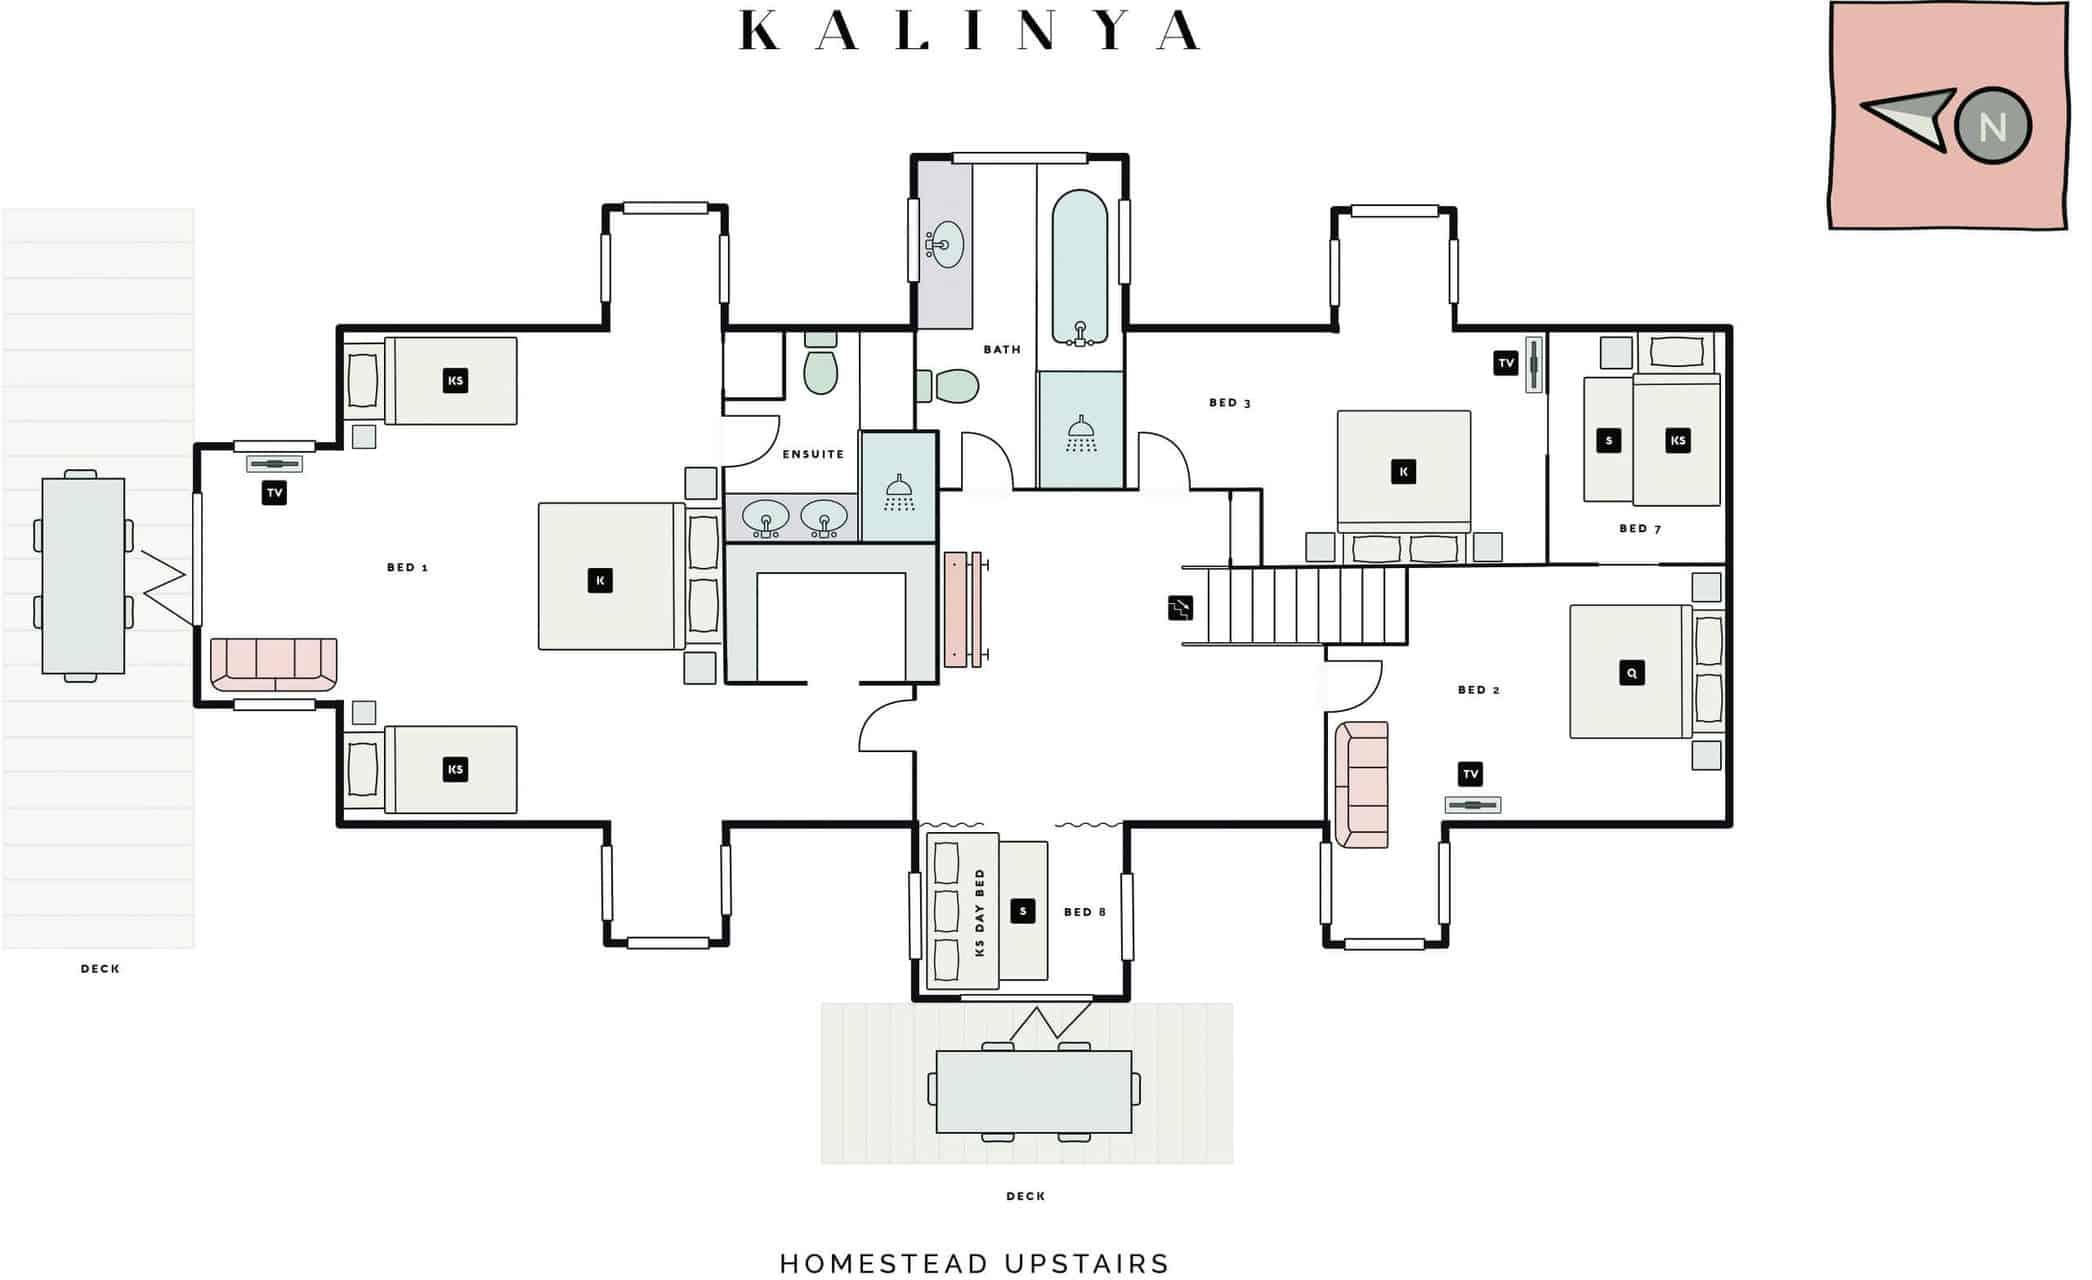 homestead upstairs floorplan